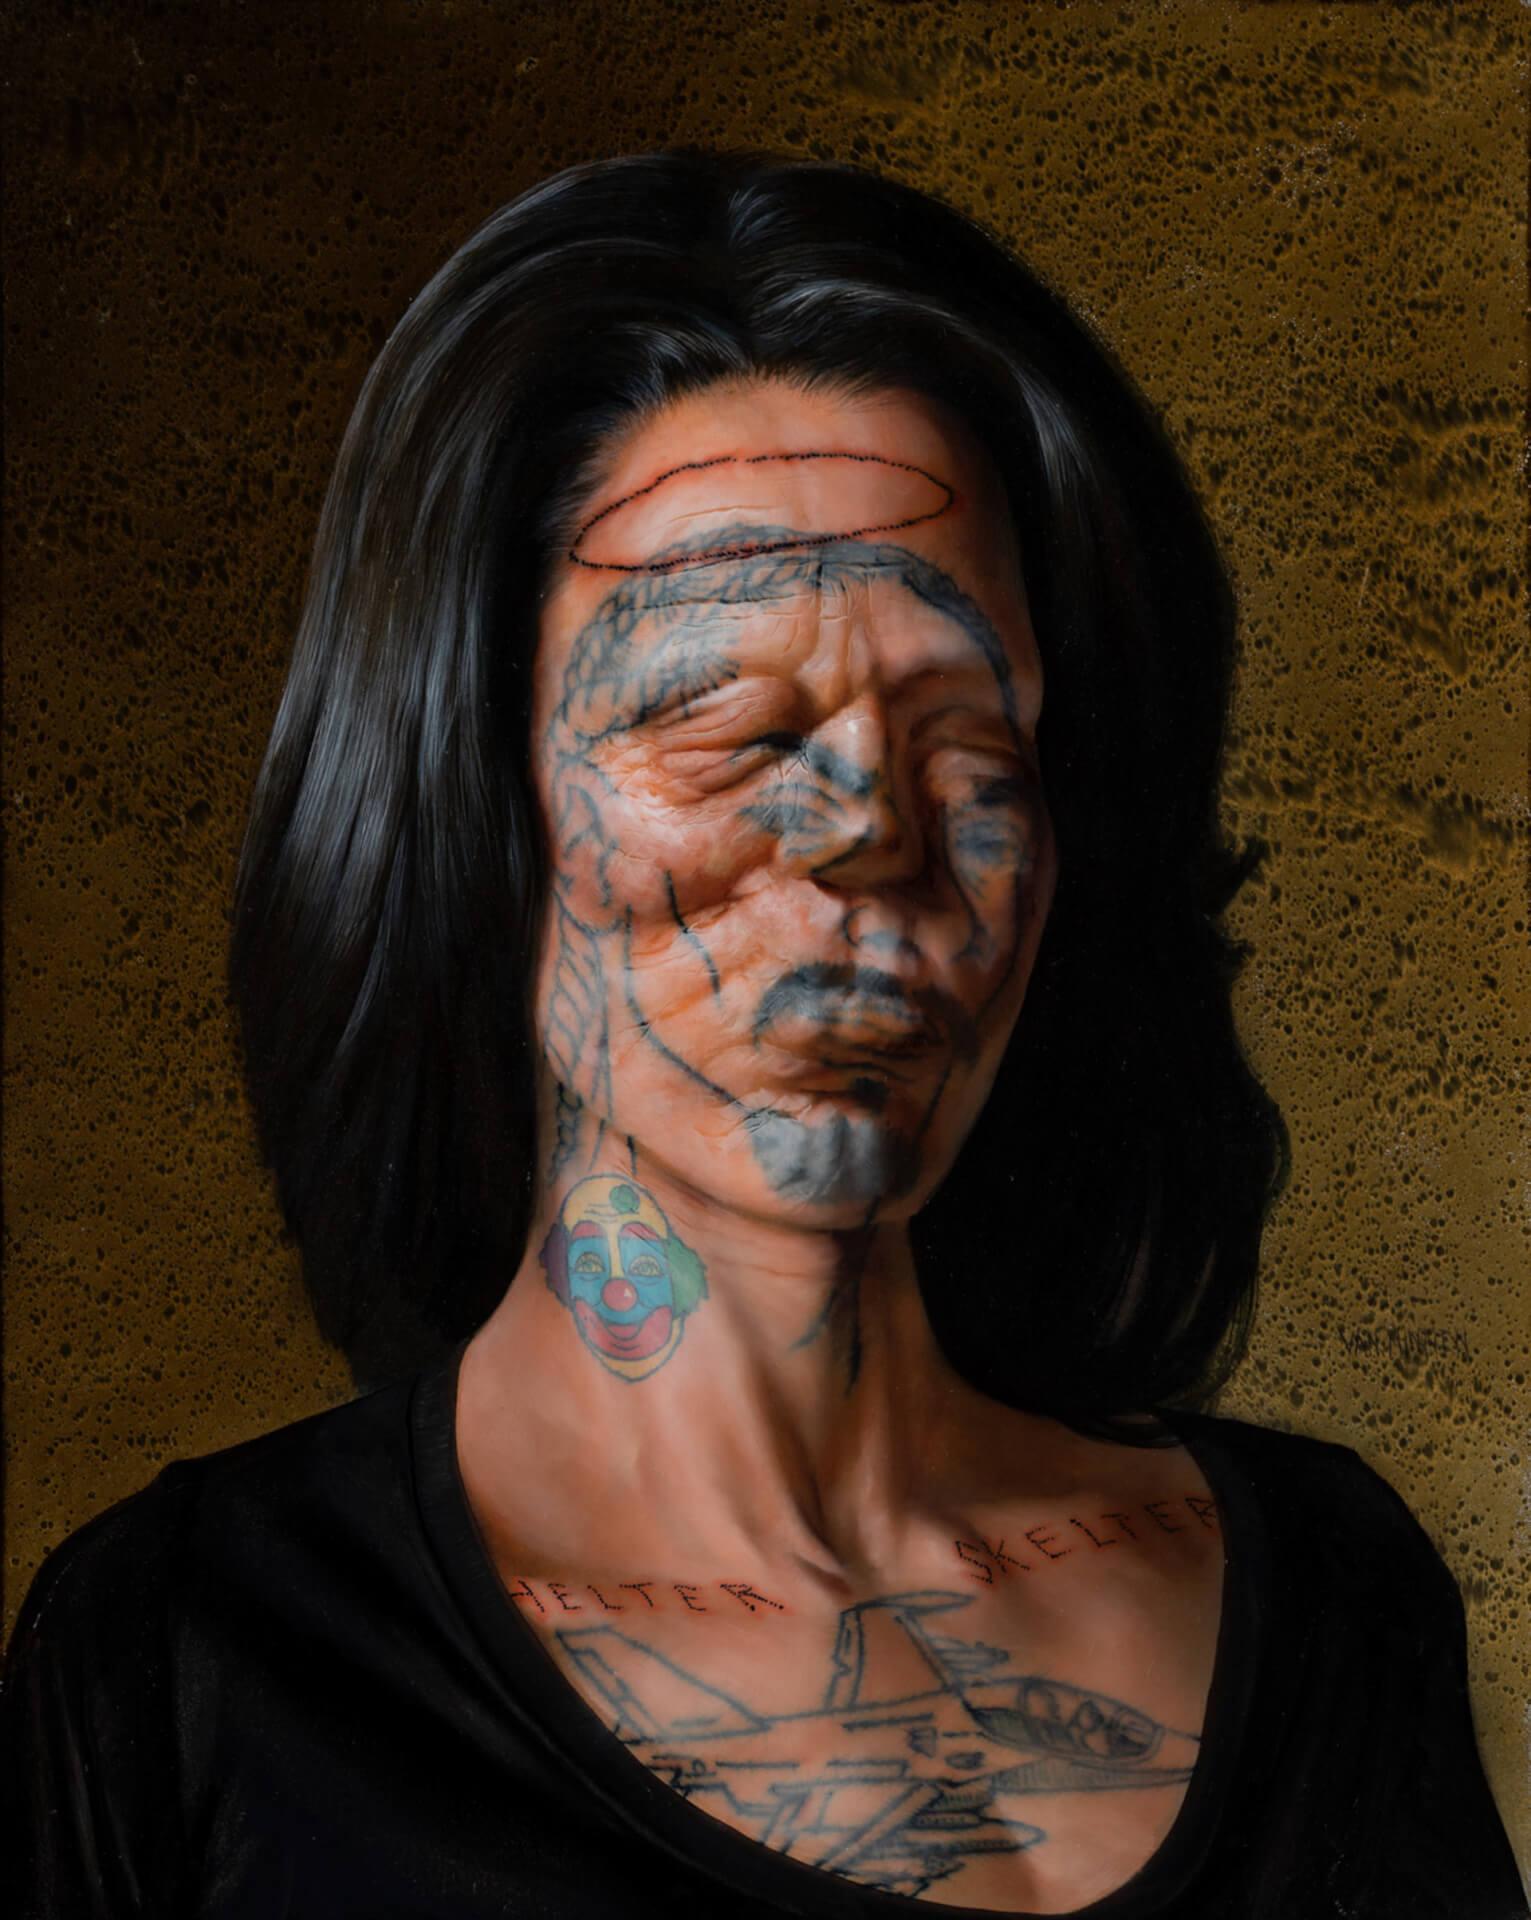 タトゥーを纏った肉塊を描くクリスチャン・レックス・ヴァン・ミネンの日本初個展が東京3会場で開催! art210804_nanzuka-03